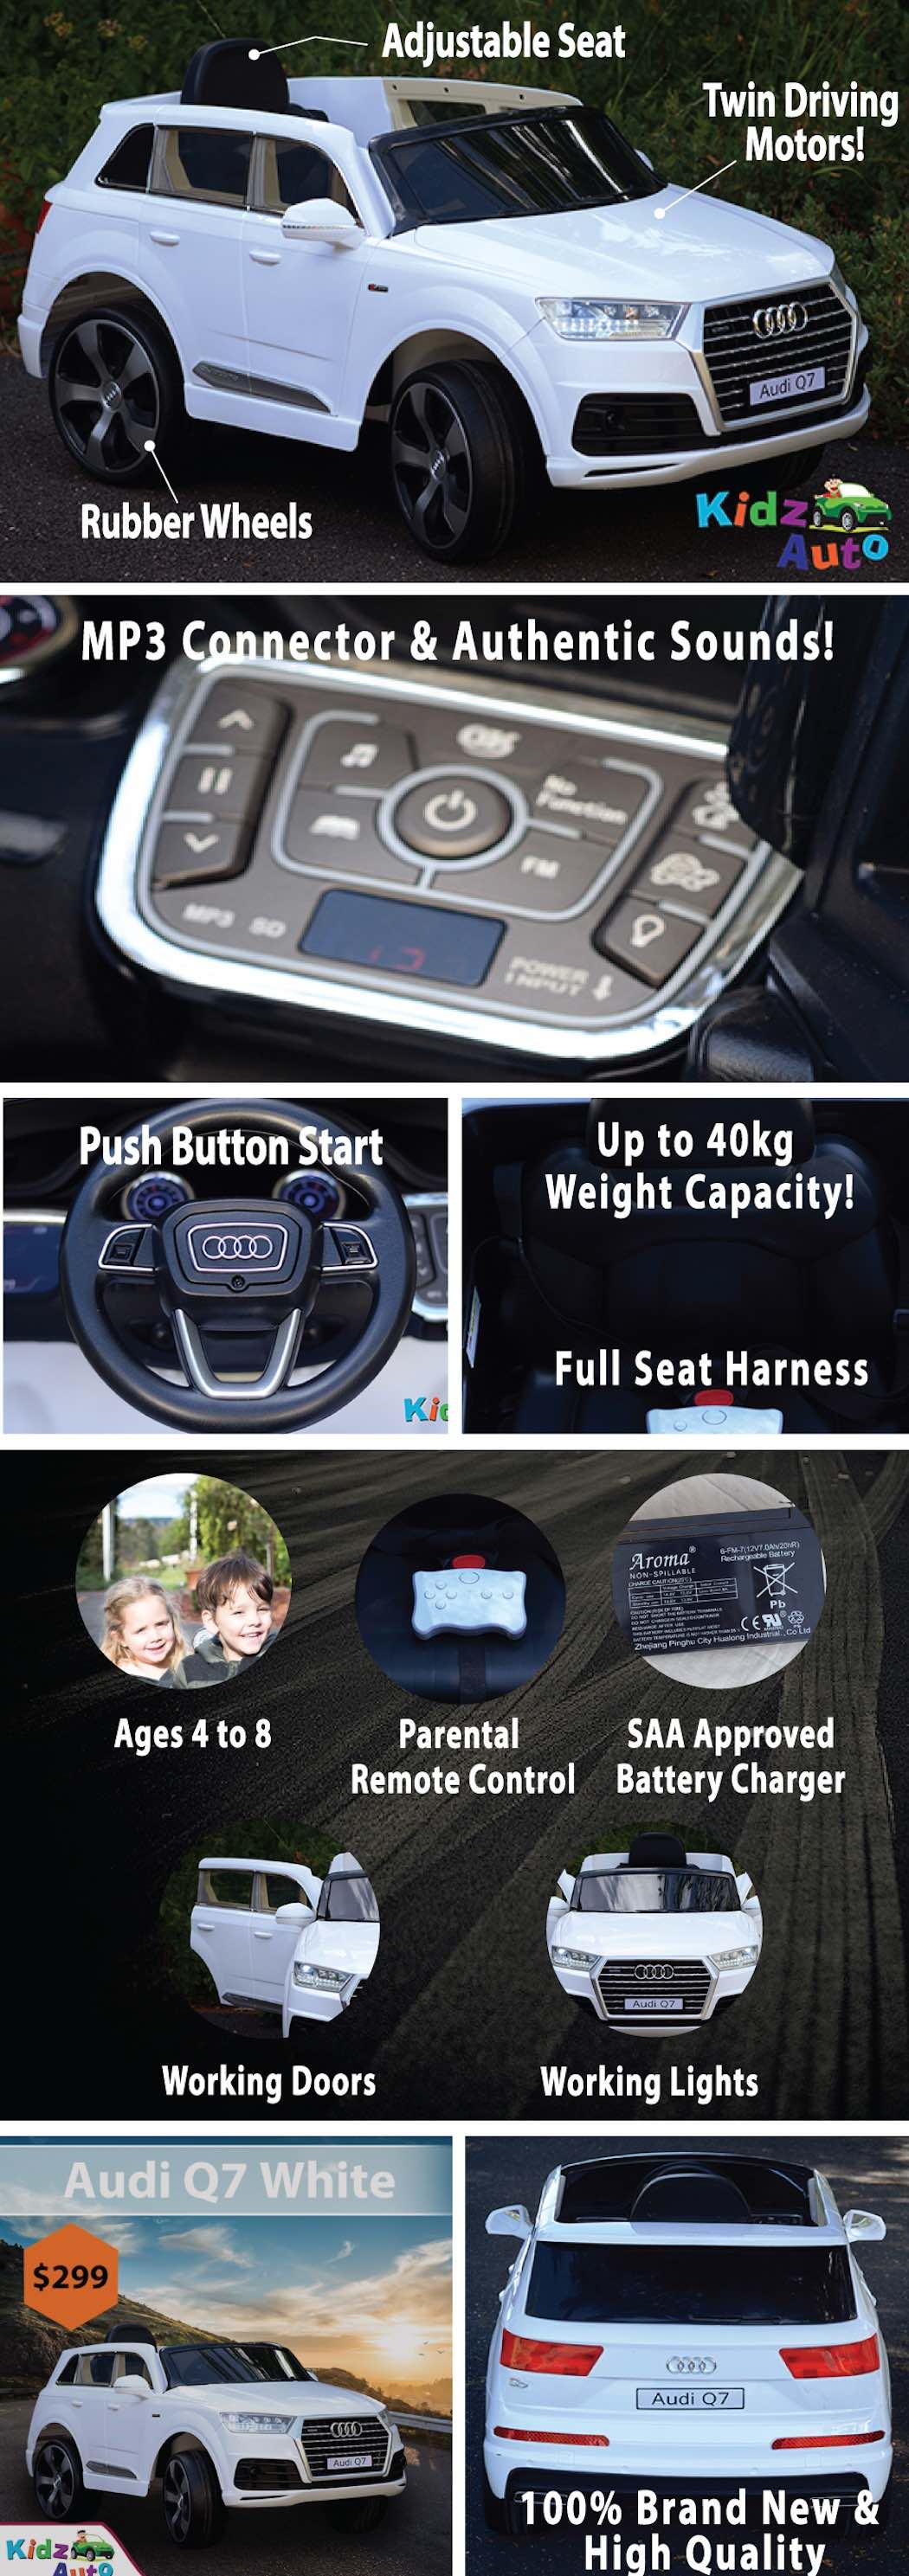 Licensed Audi Q7 - White - Product Specs